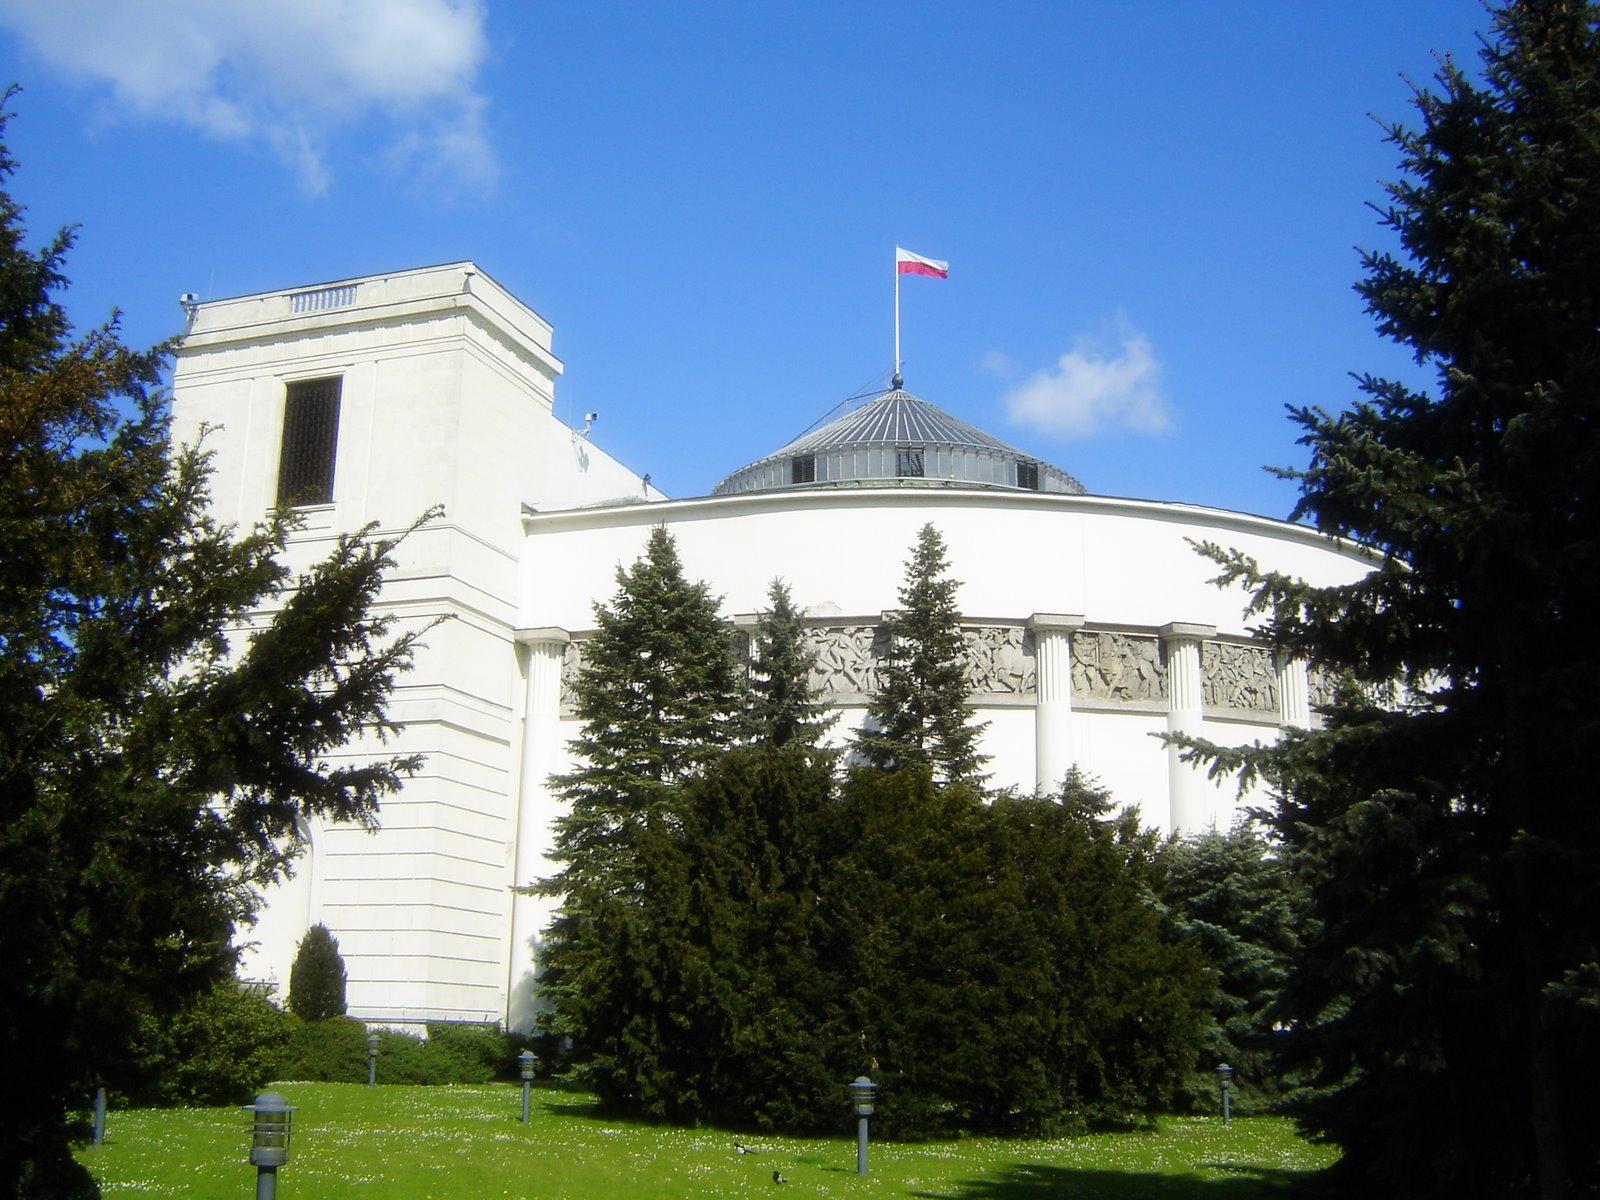 Powstanie nowy budynek Sejmu za kilkadziesiąt milionów złotych